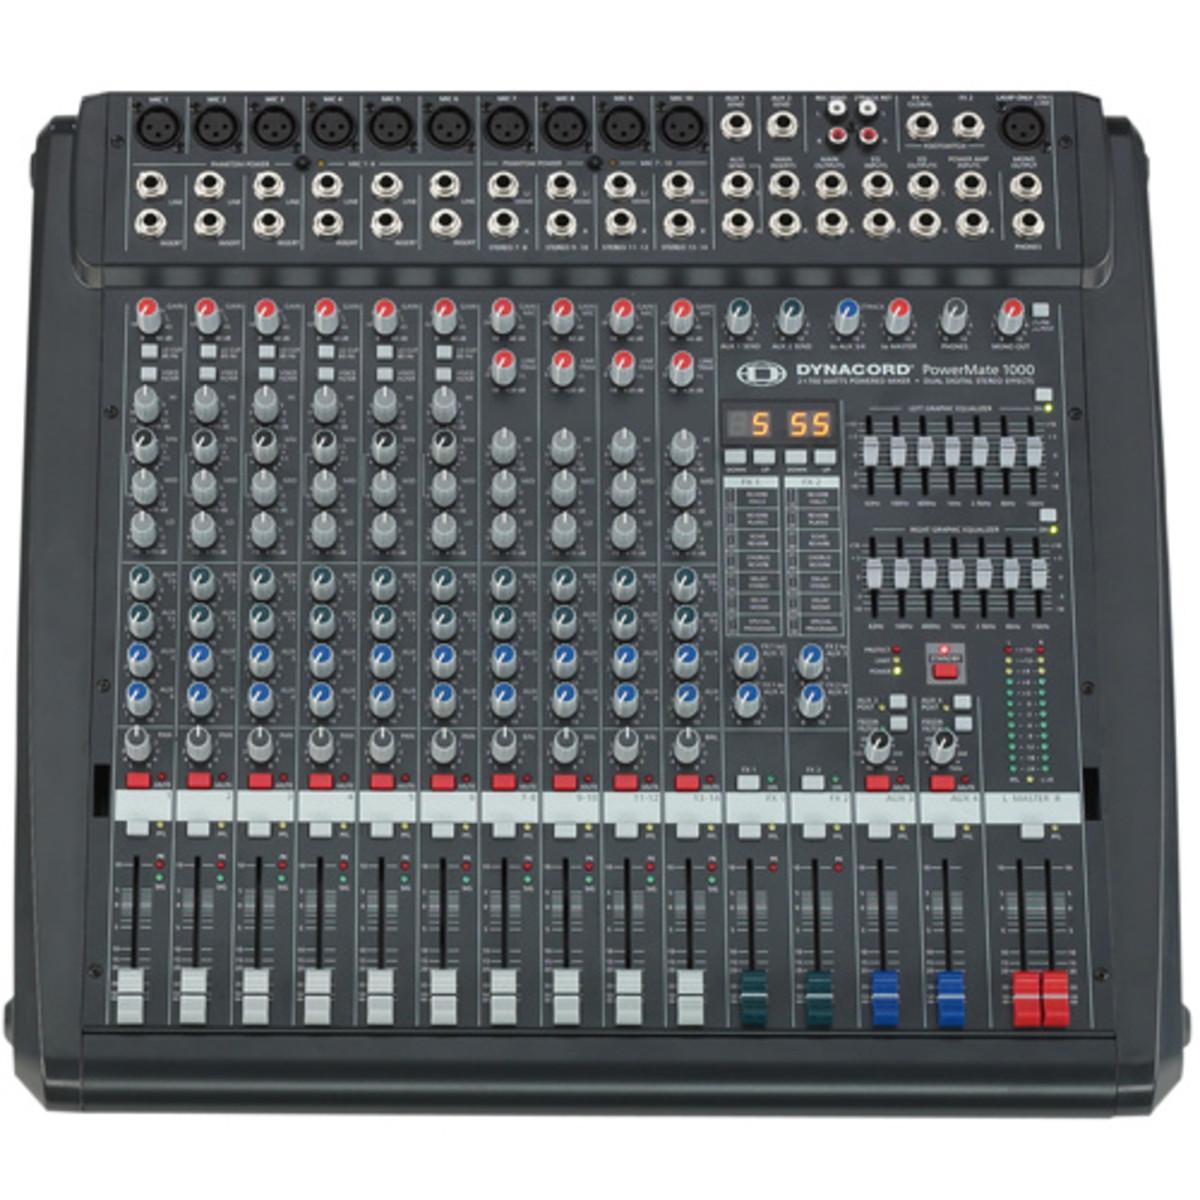 Table de mixage amplfi e dynacord powermate 1000 - Table de mixage dynacord occasion ...